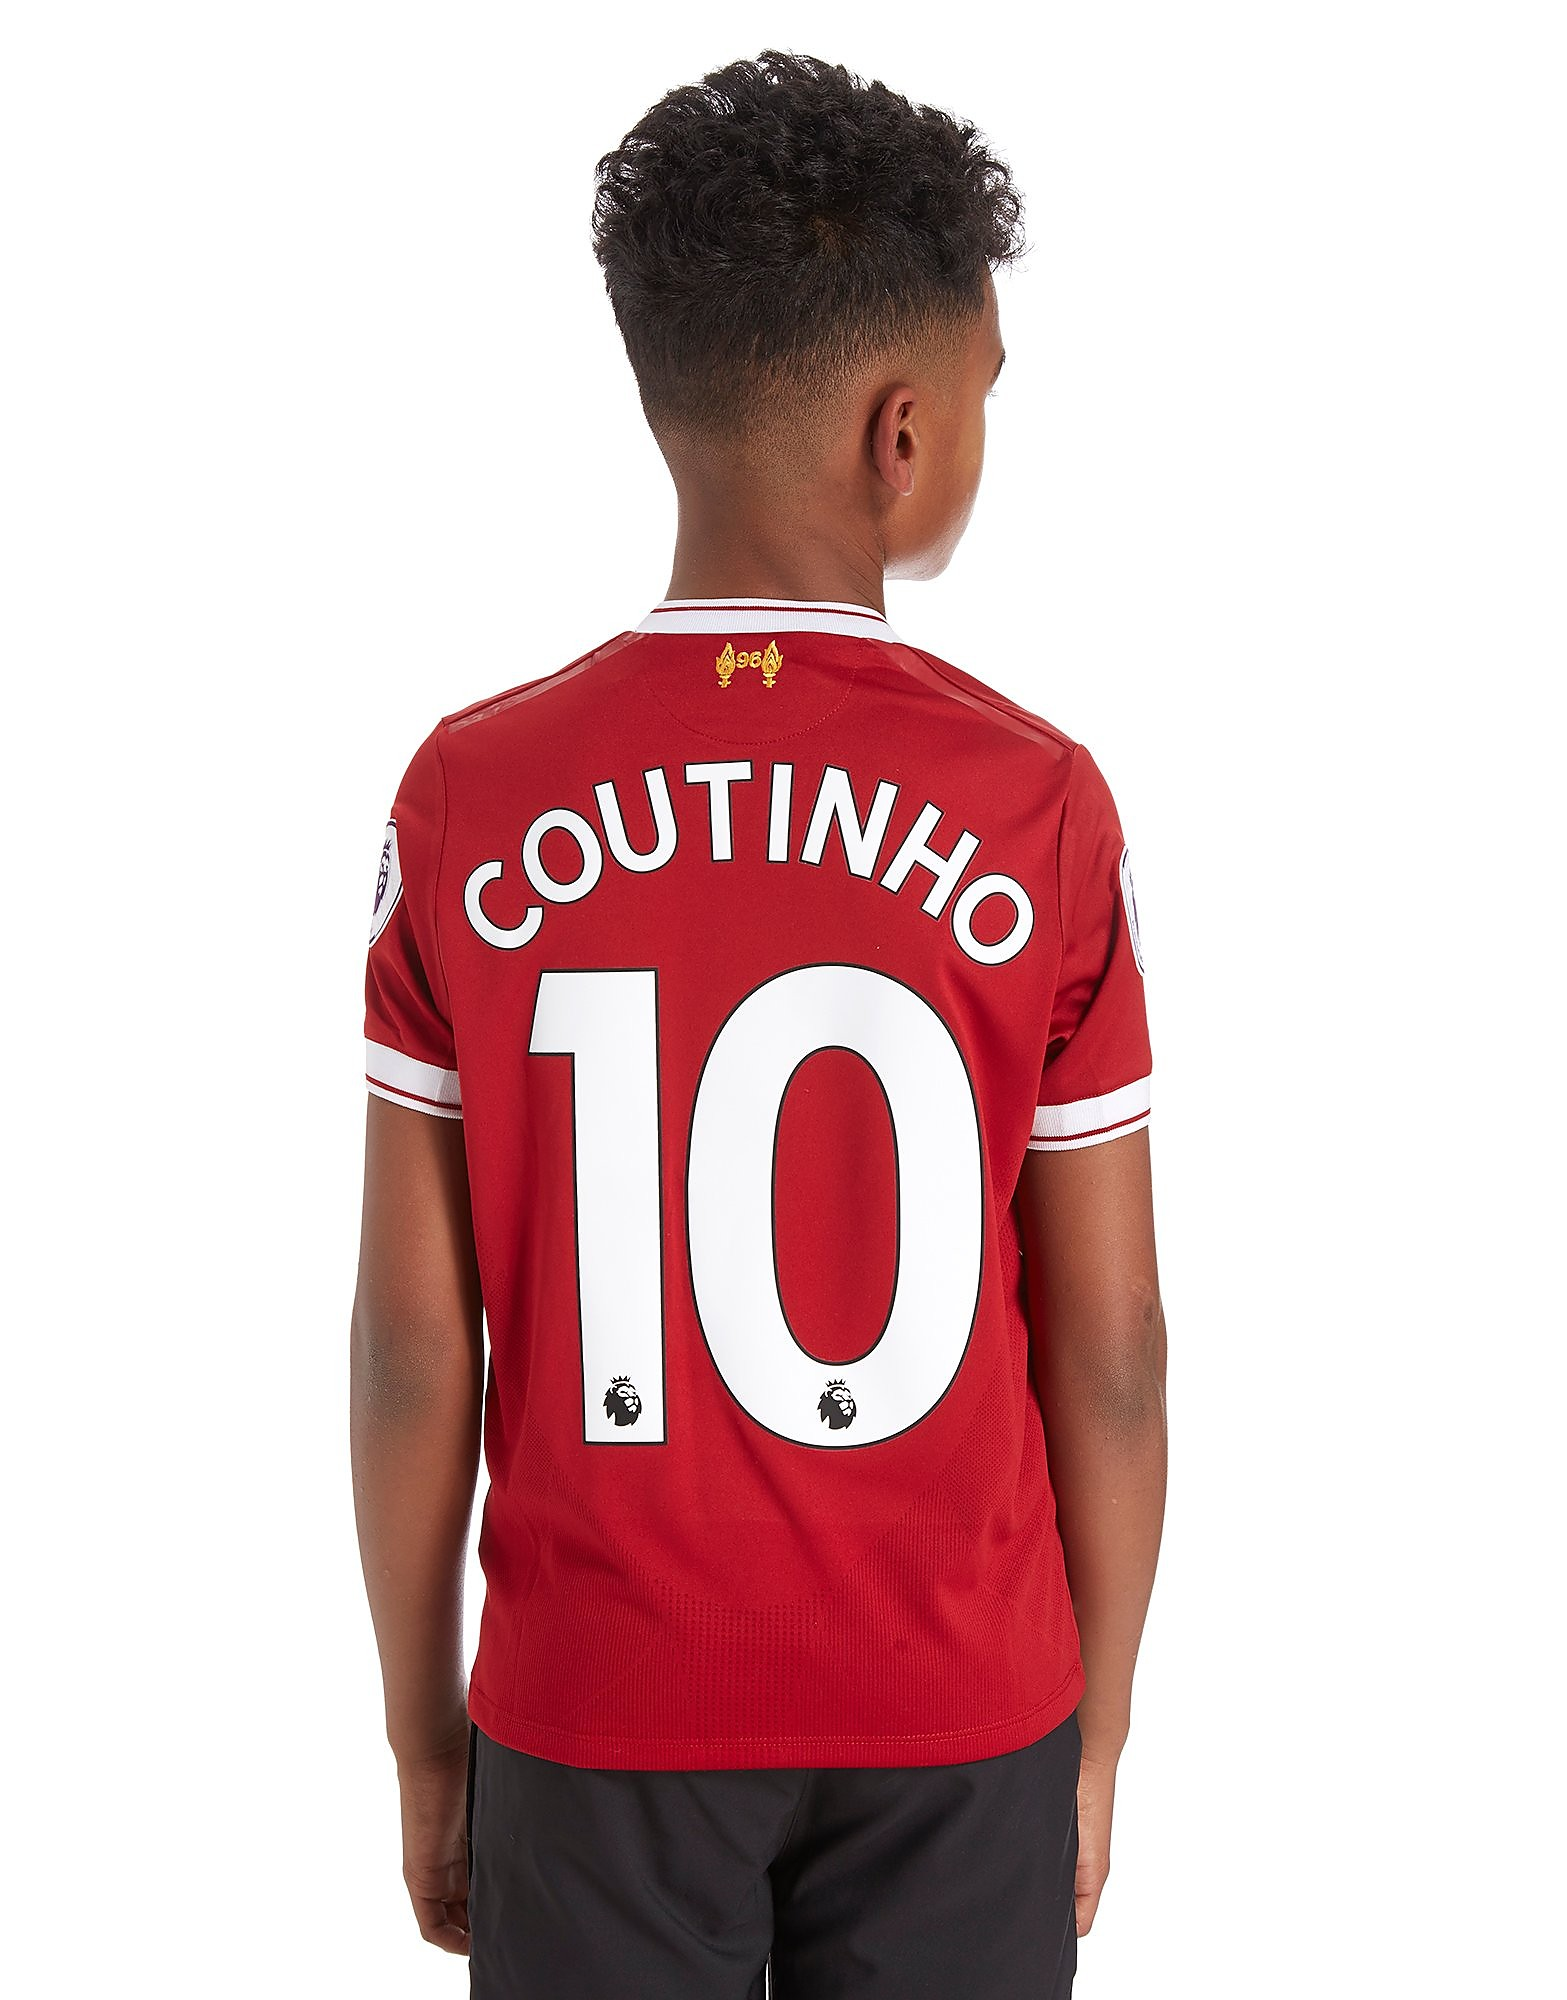 New Balance Liverpool FC Coutinho #10 Home 17/18 Shirt Junior